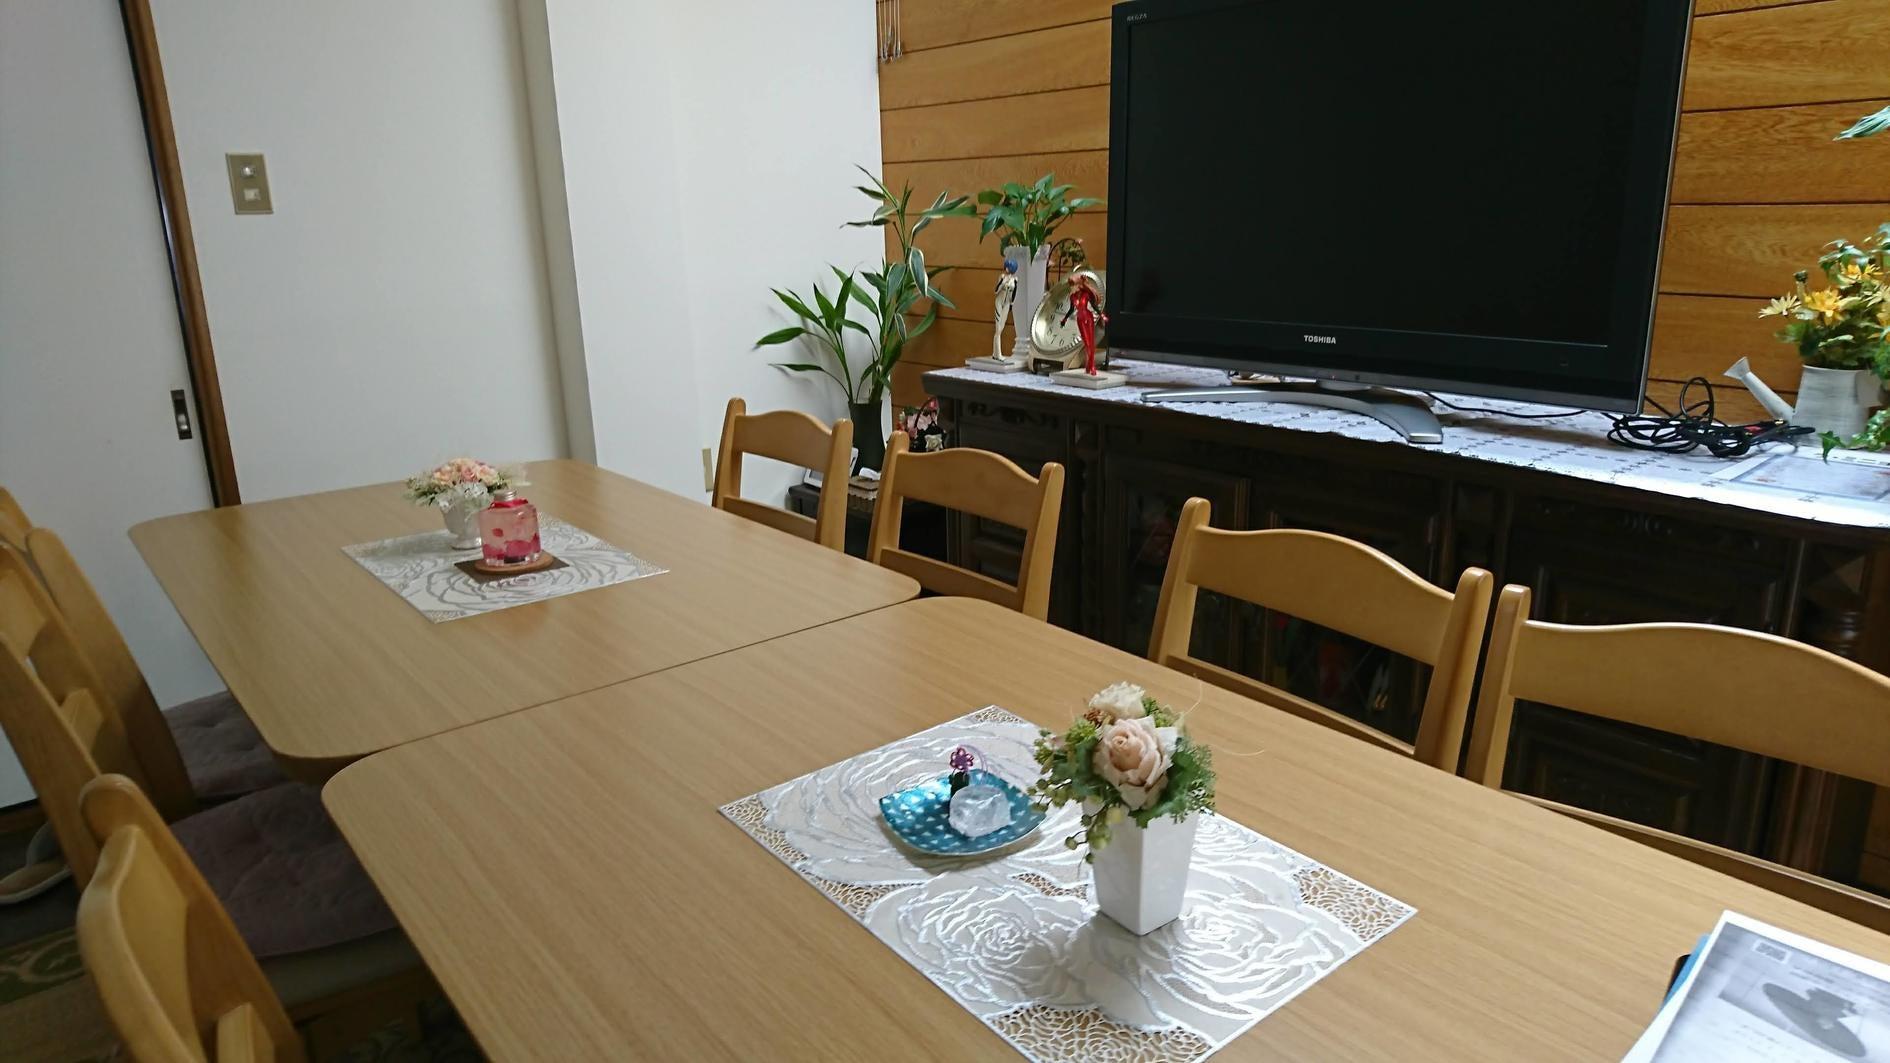 カルチャー教室、会議室をお探しの方へ キッチン付きです。(カルチャー教室、会議室をお探しの方へ キッチン付きです。) の写真0